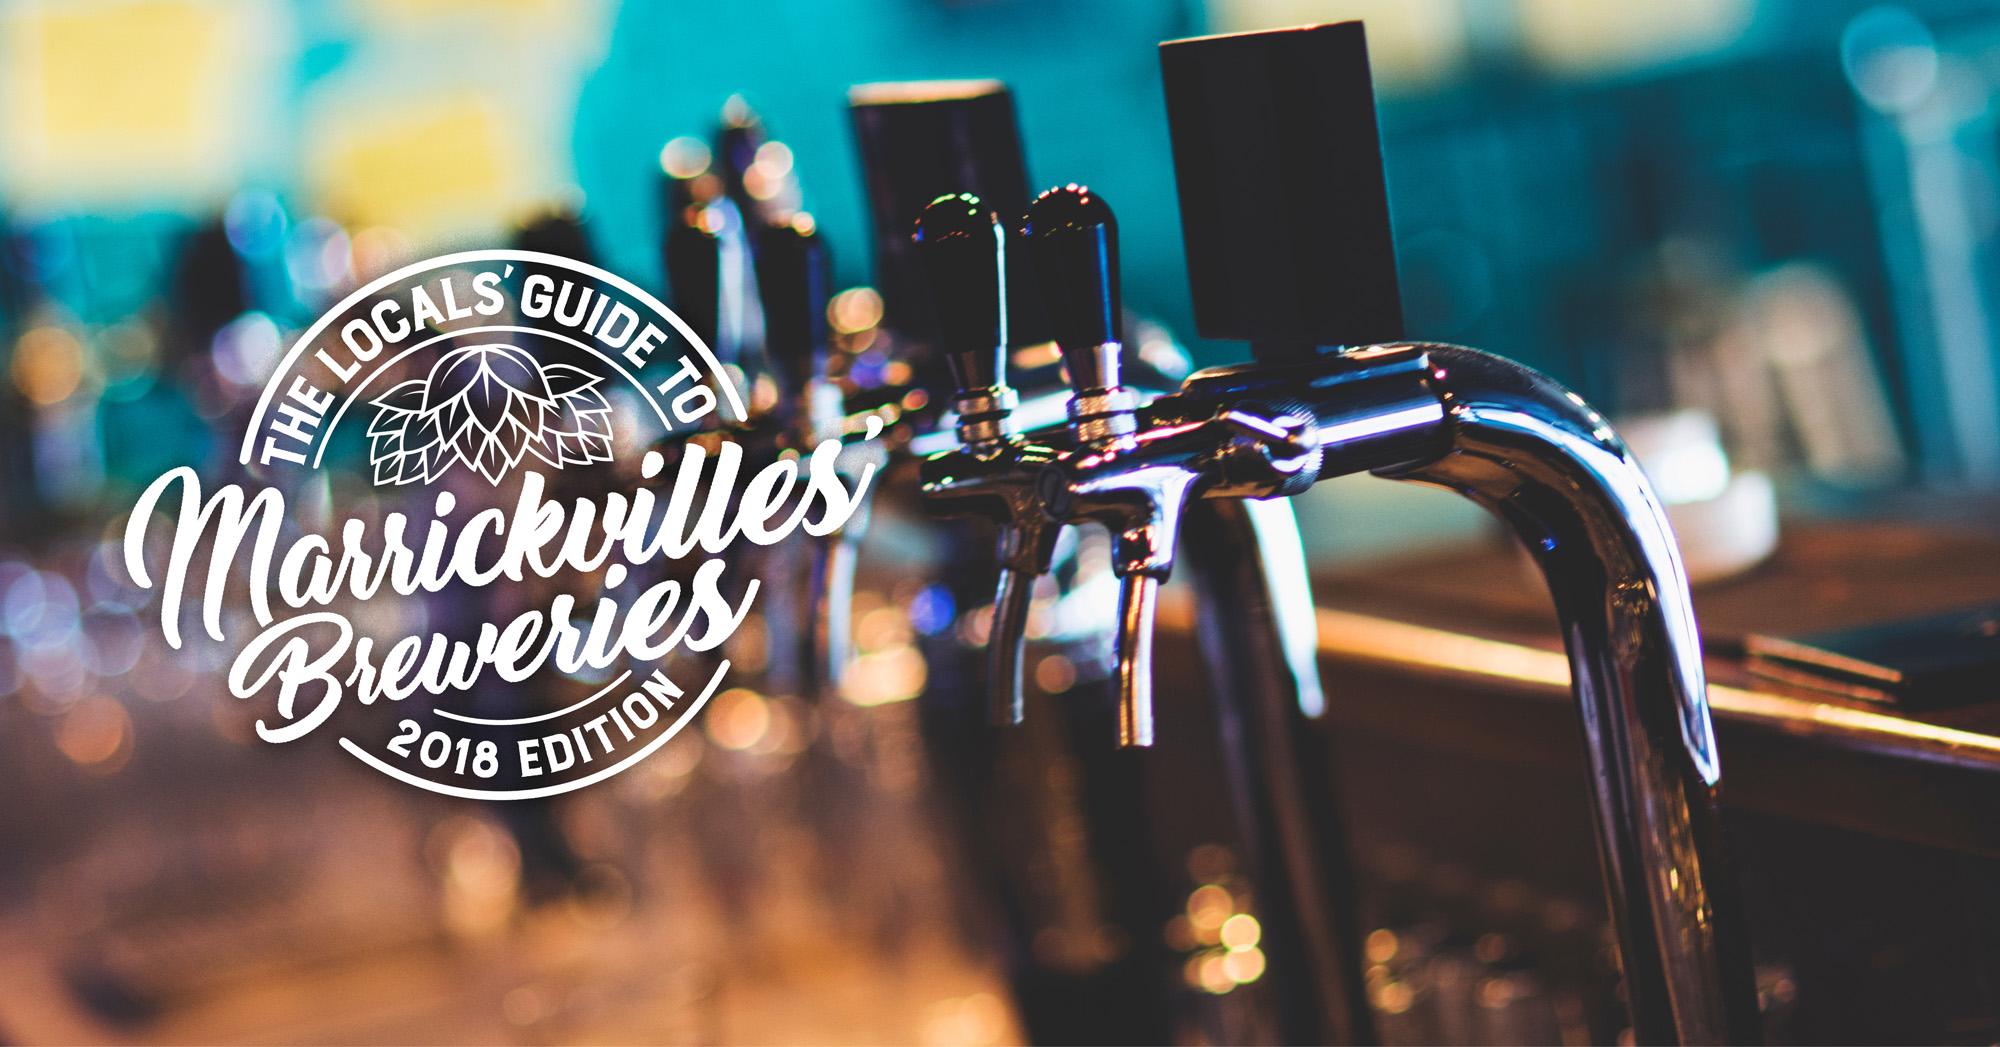 Marrickville Breweries